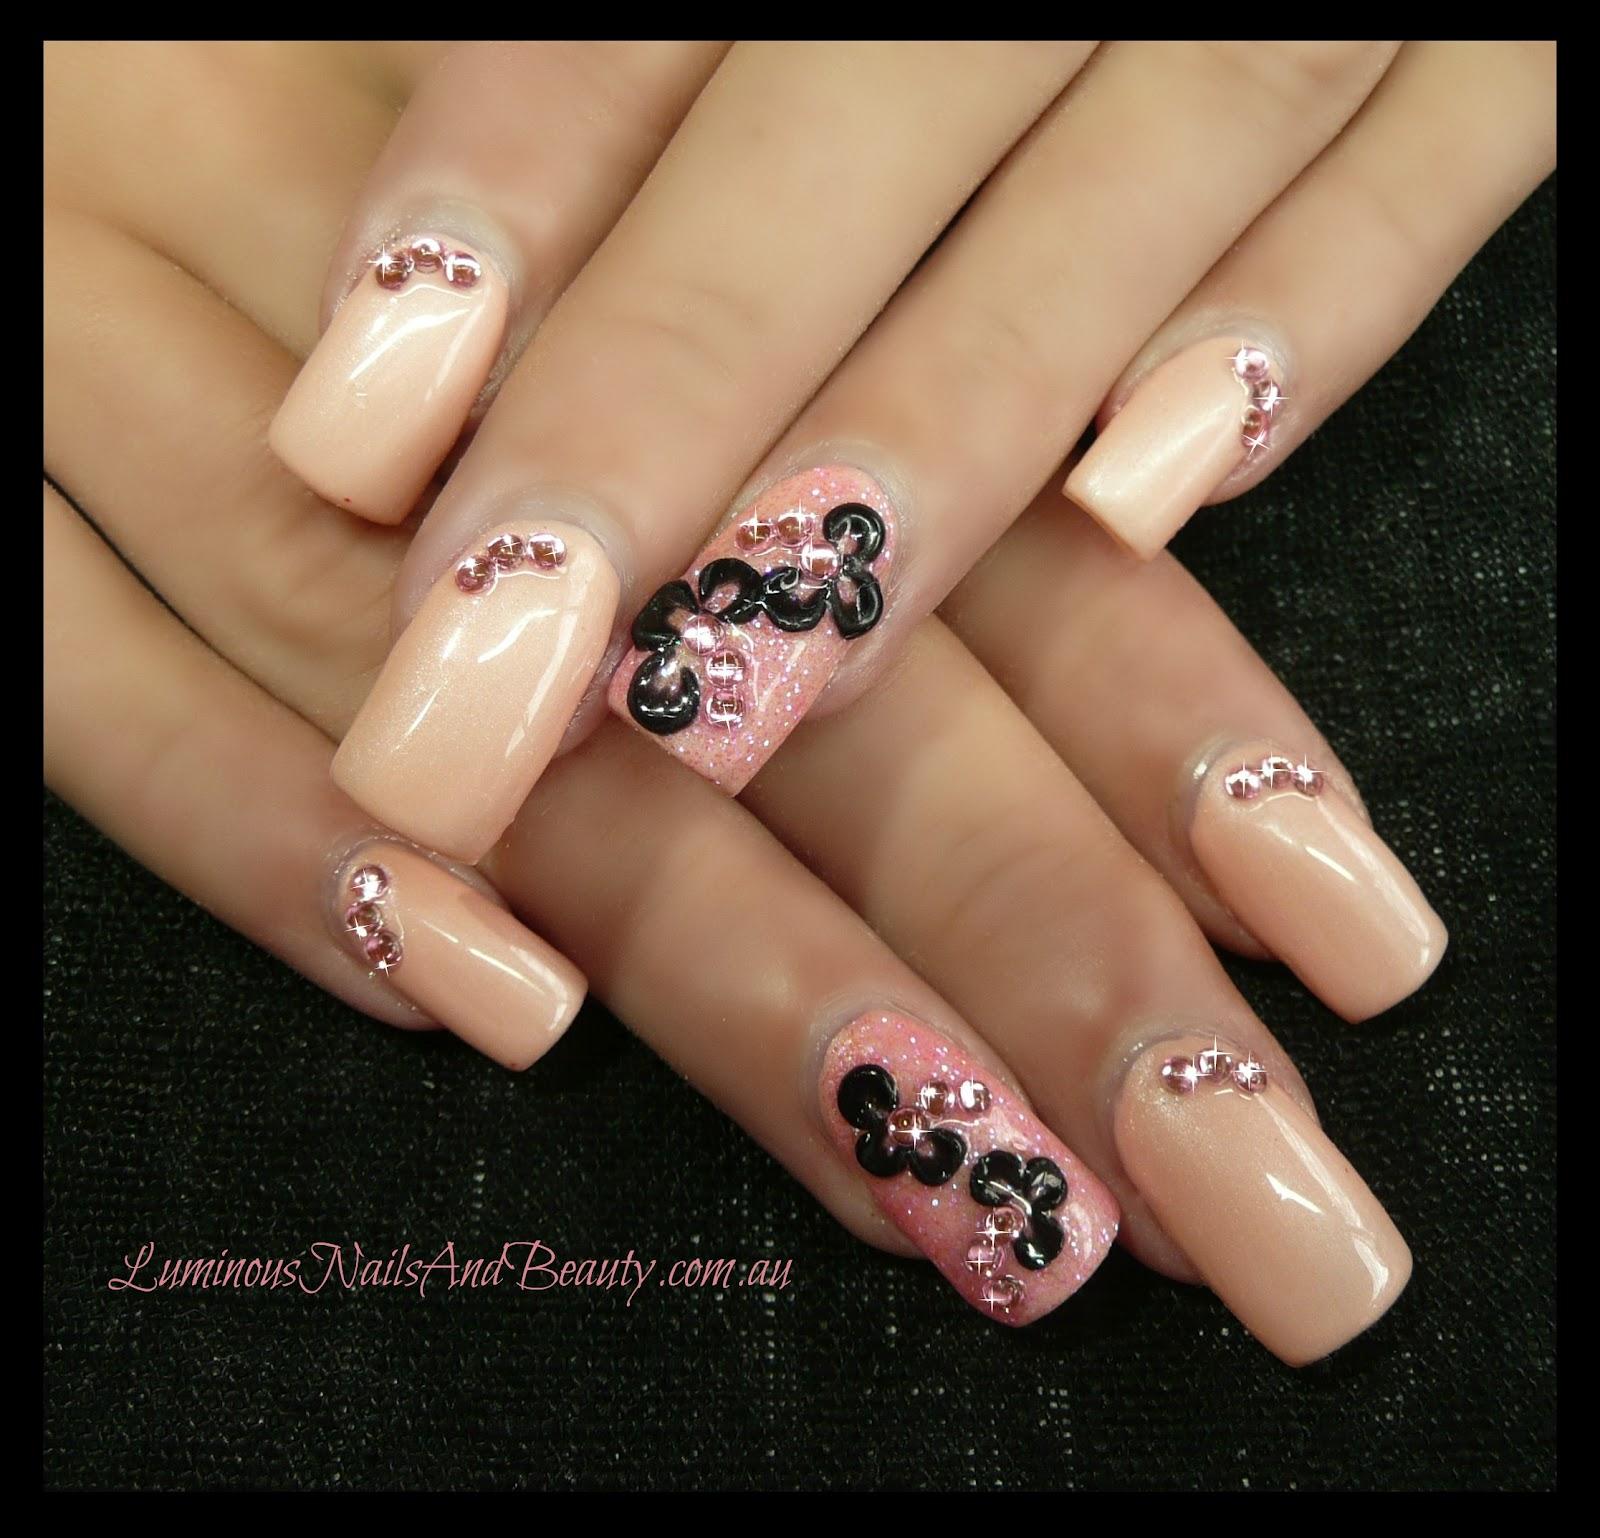 5 star nails acrylic photo - 1